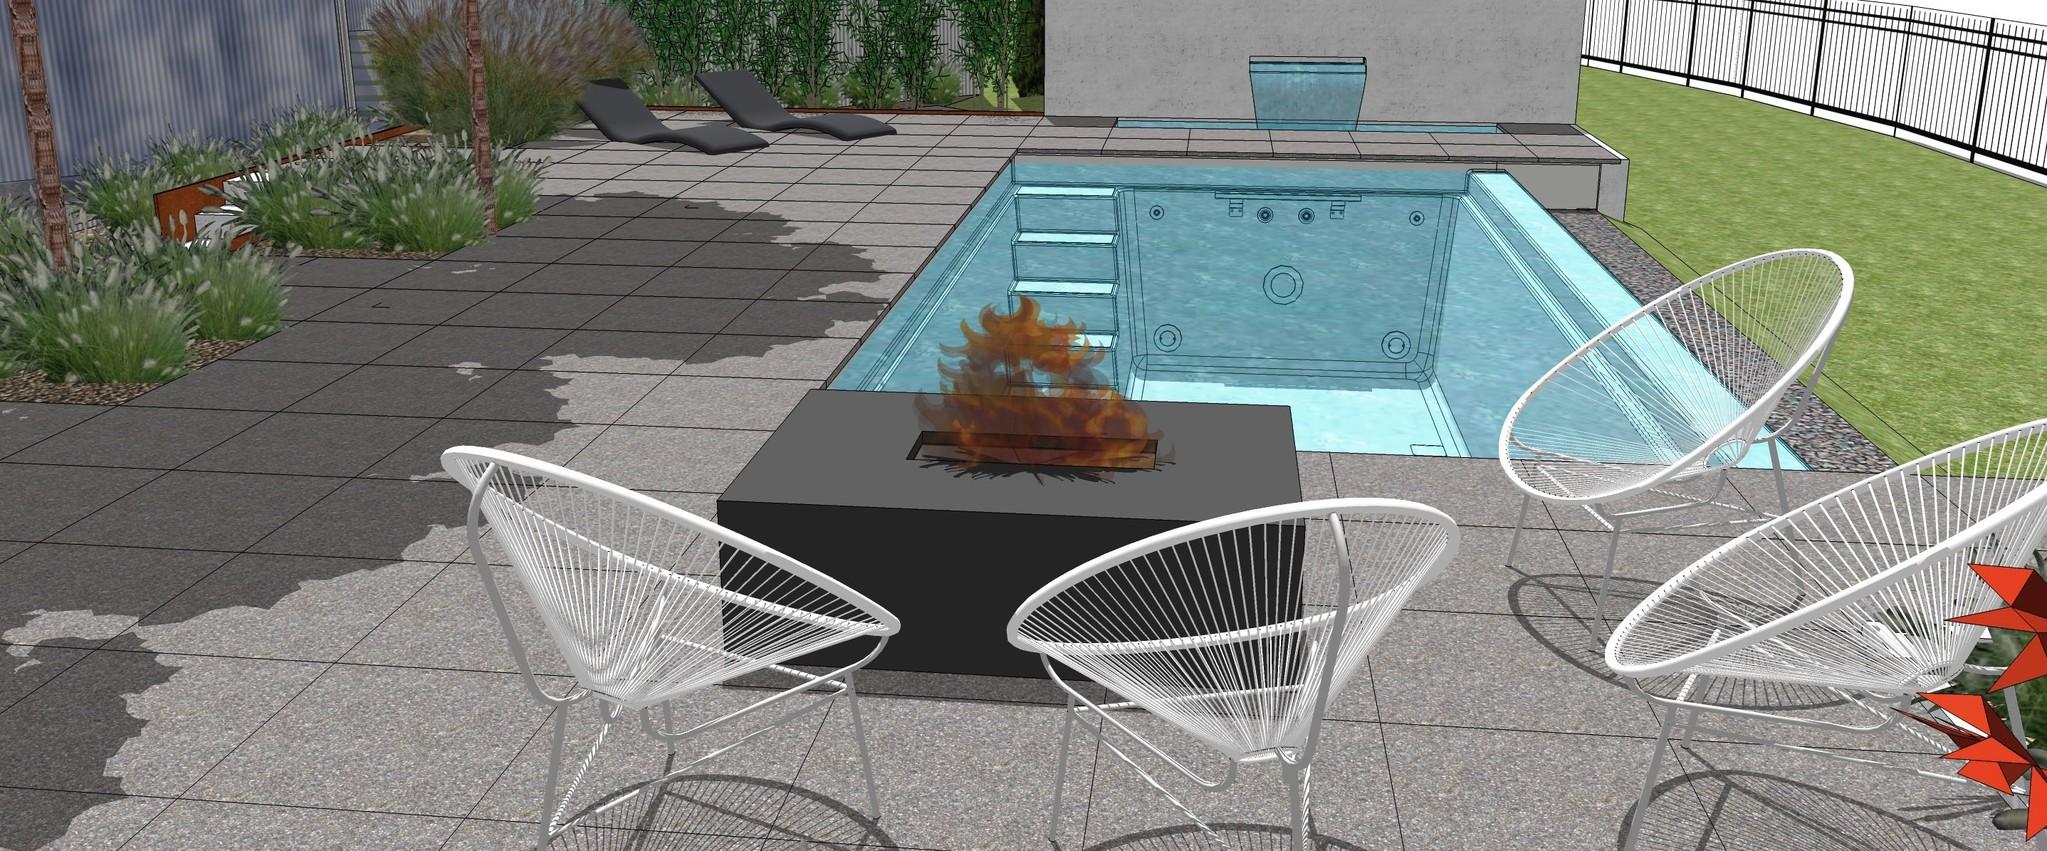 Hoe kan ik mijn zwembad laten regulariseren in Spanje?